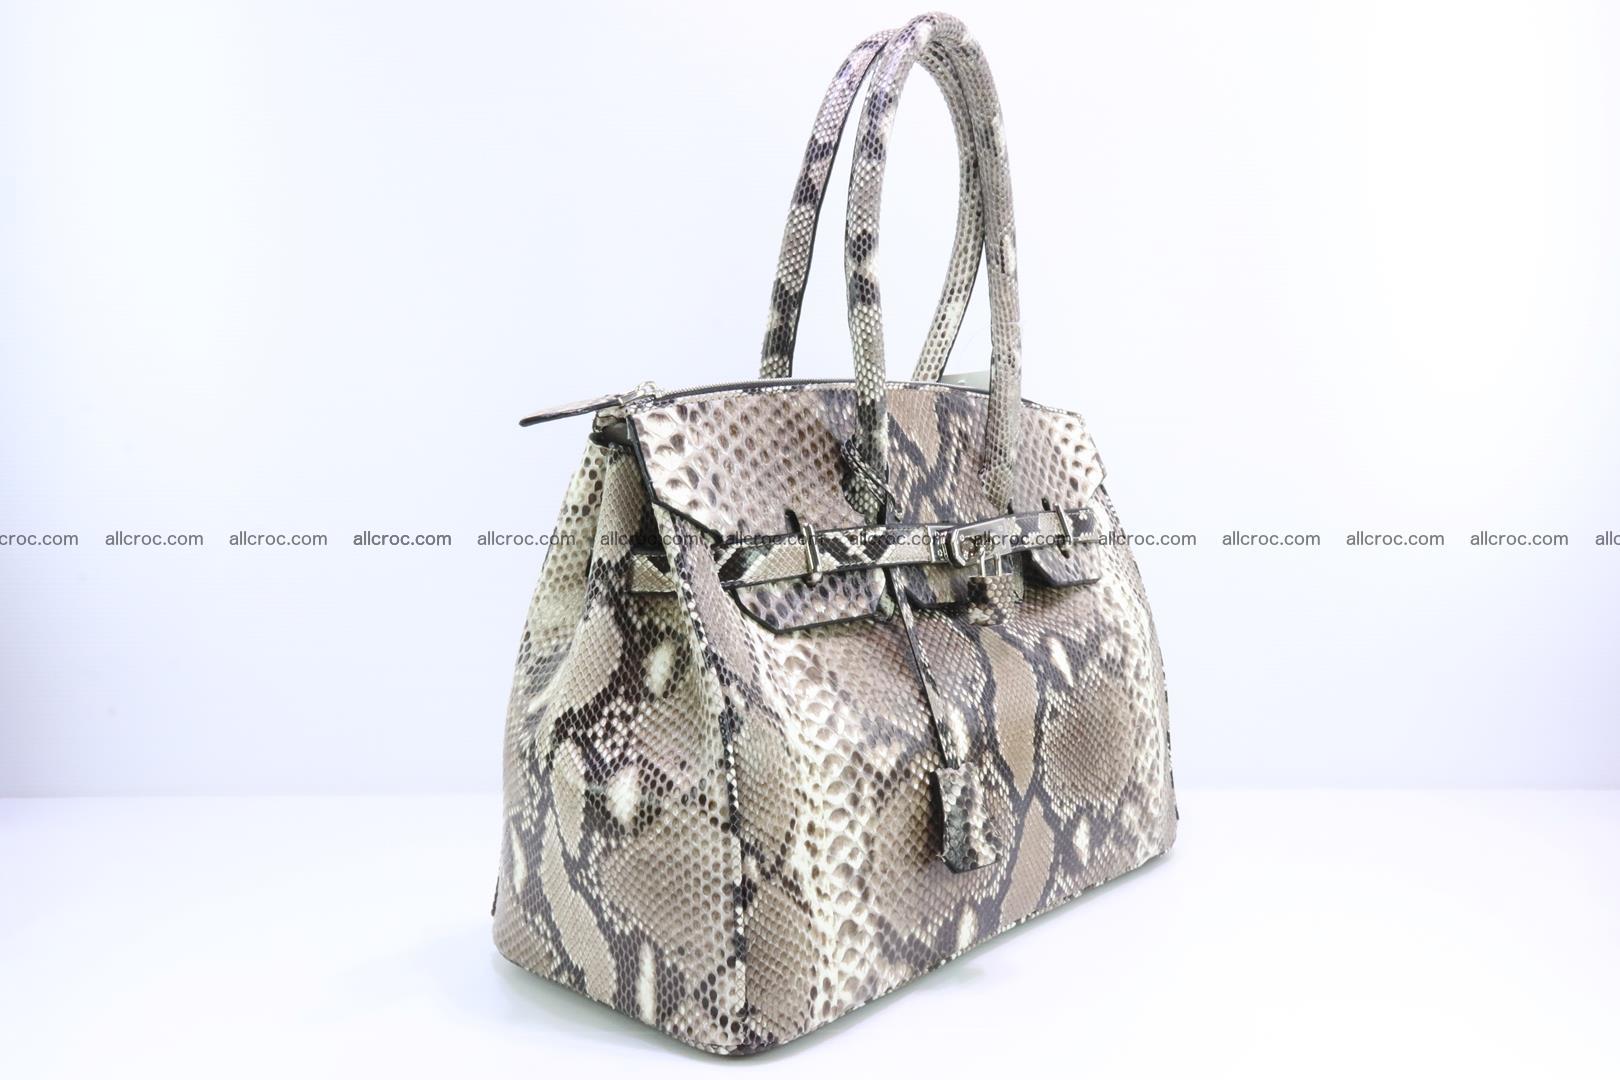 Python skin women's handbag replica of Birkin 200 Foto 1